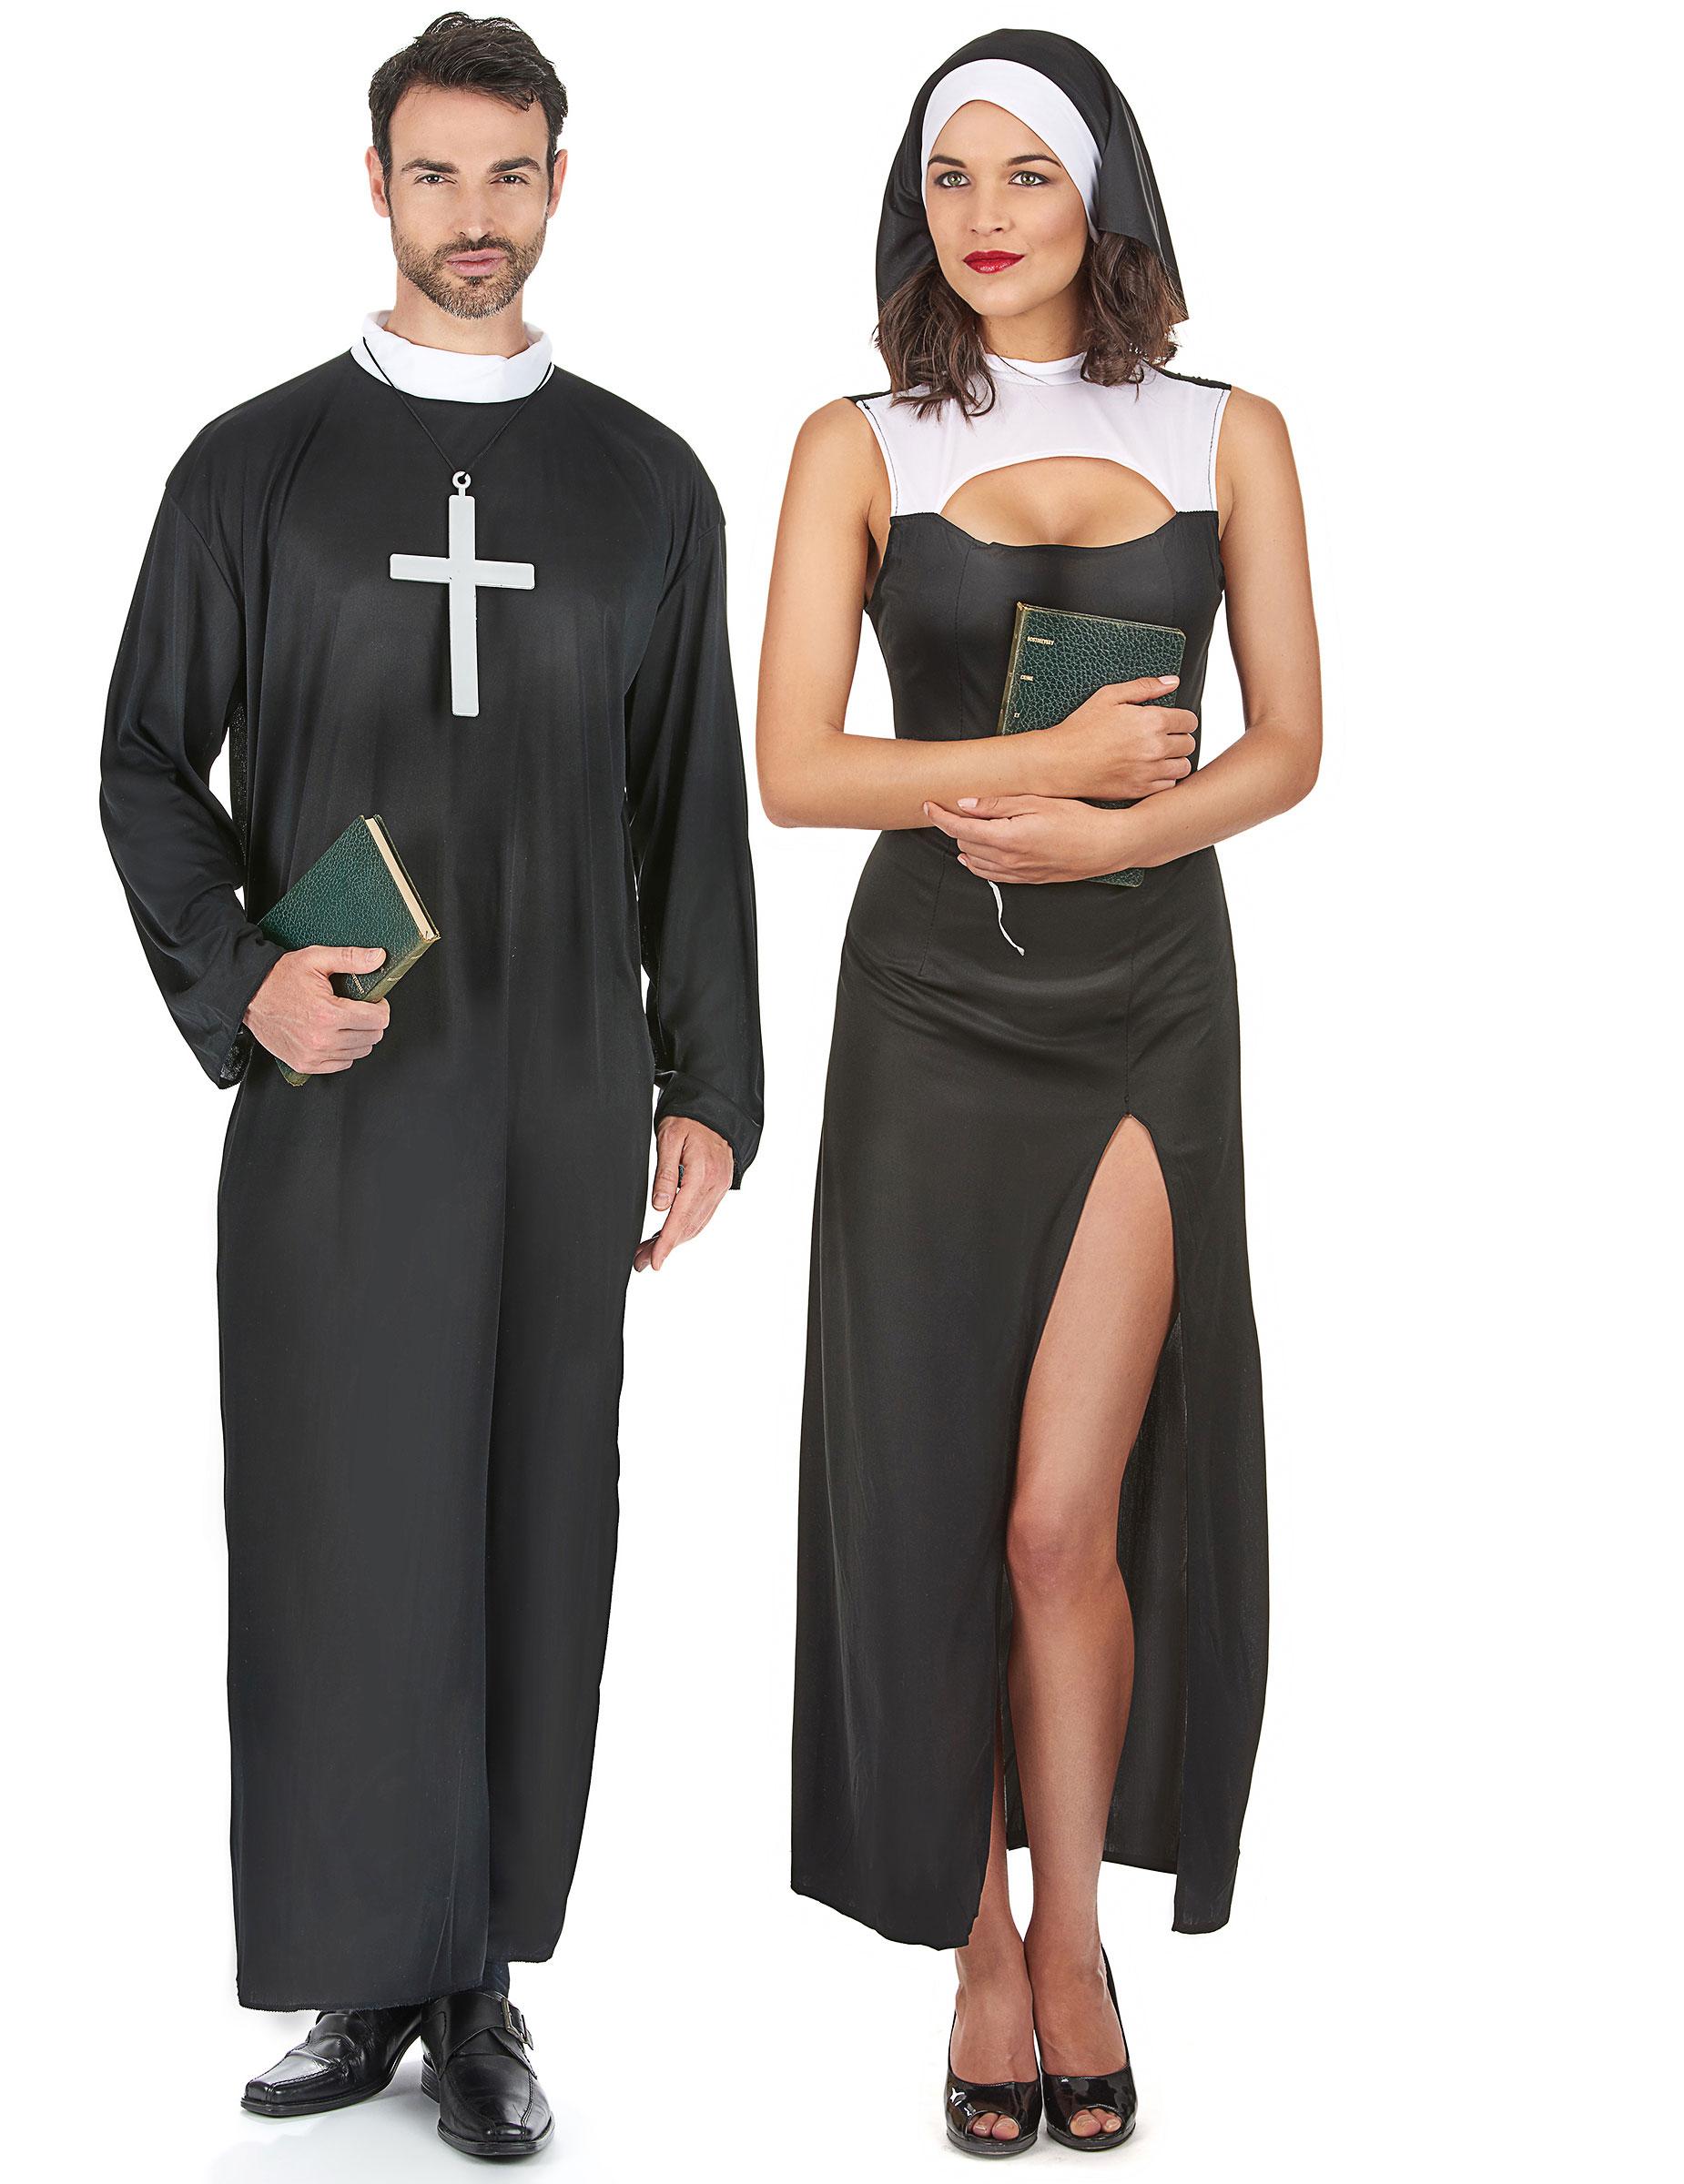 Nonnen-/ Priesterkostüm für Paare: Paarkostüme,und günstige ...